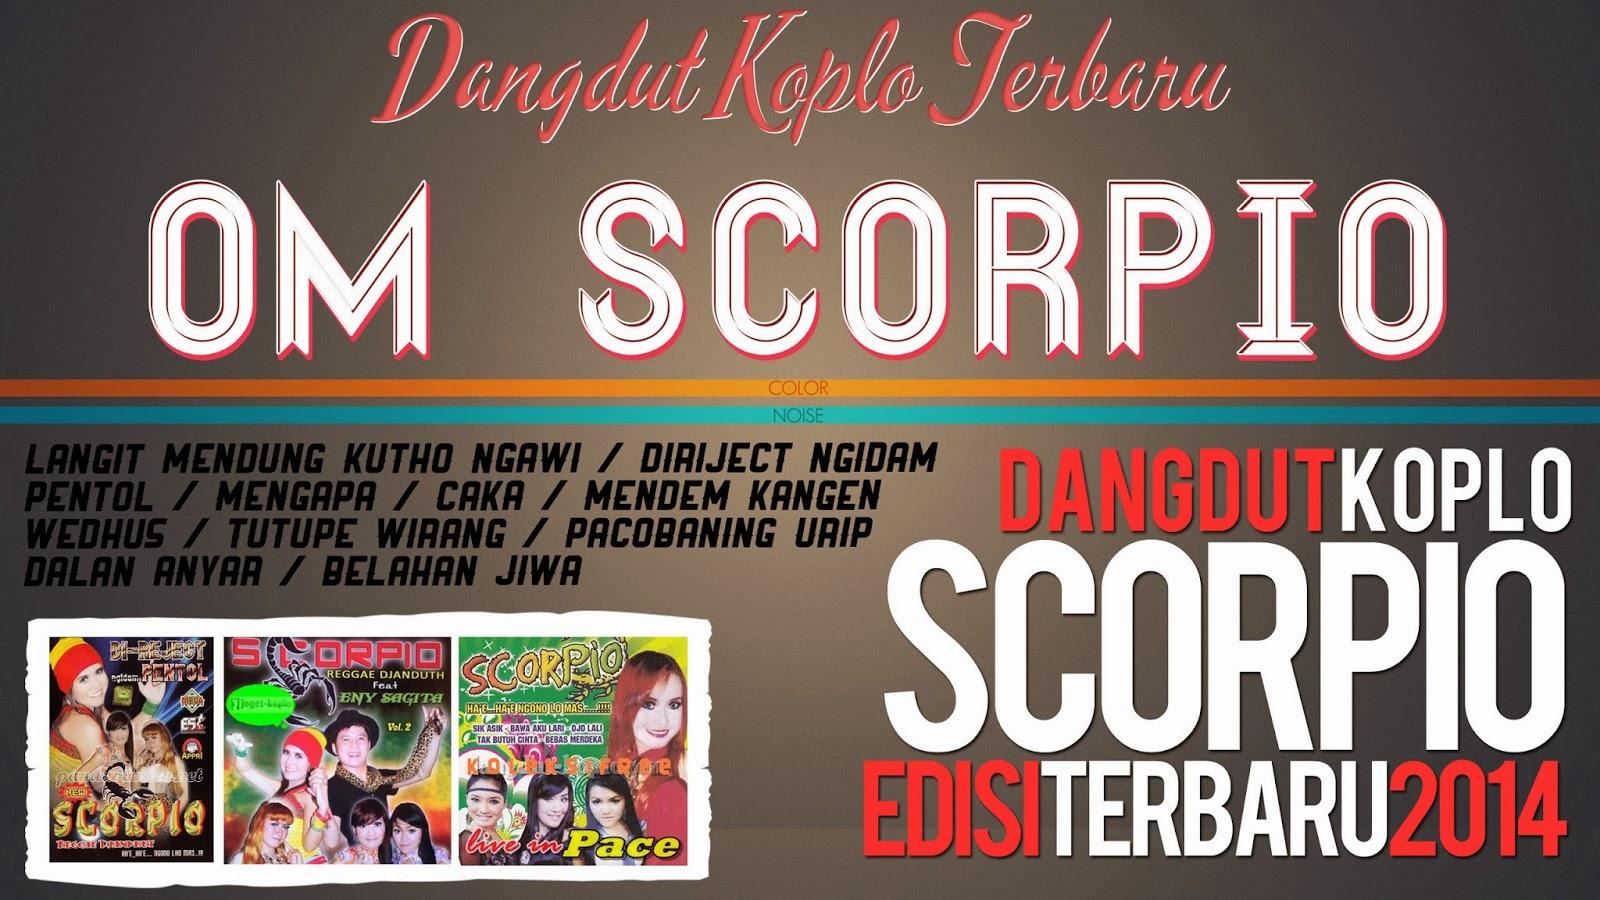 Download lagu dangdut koplo terbaru mp3 lengkap